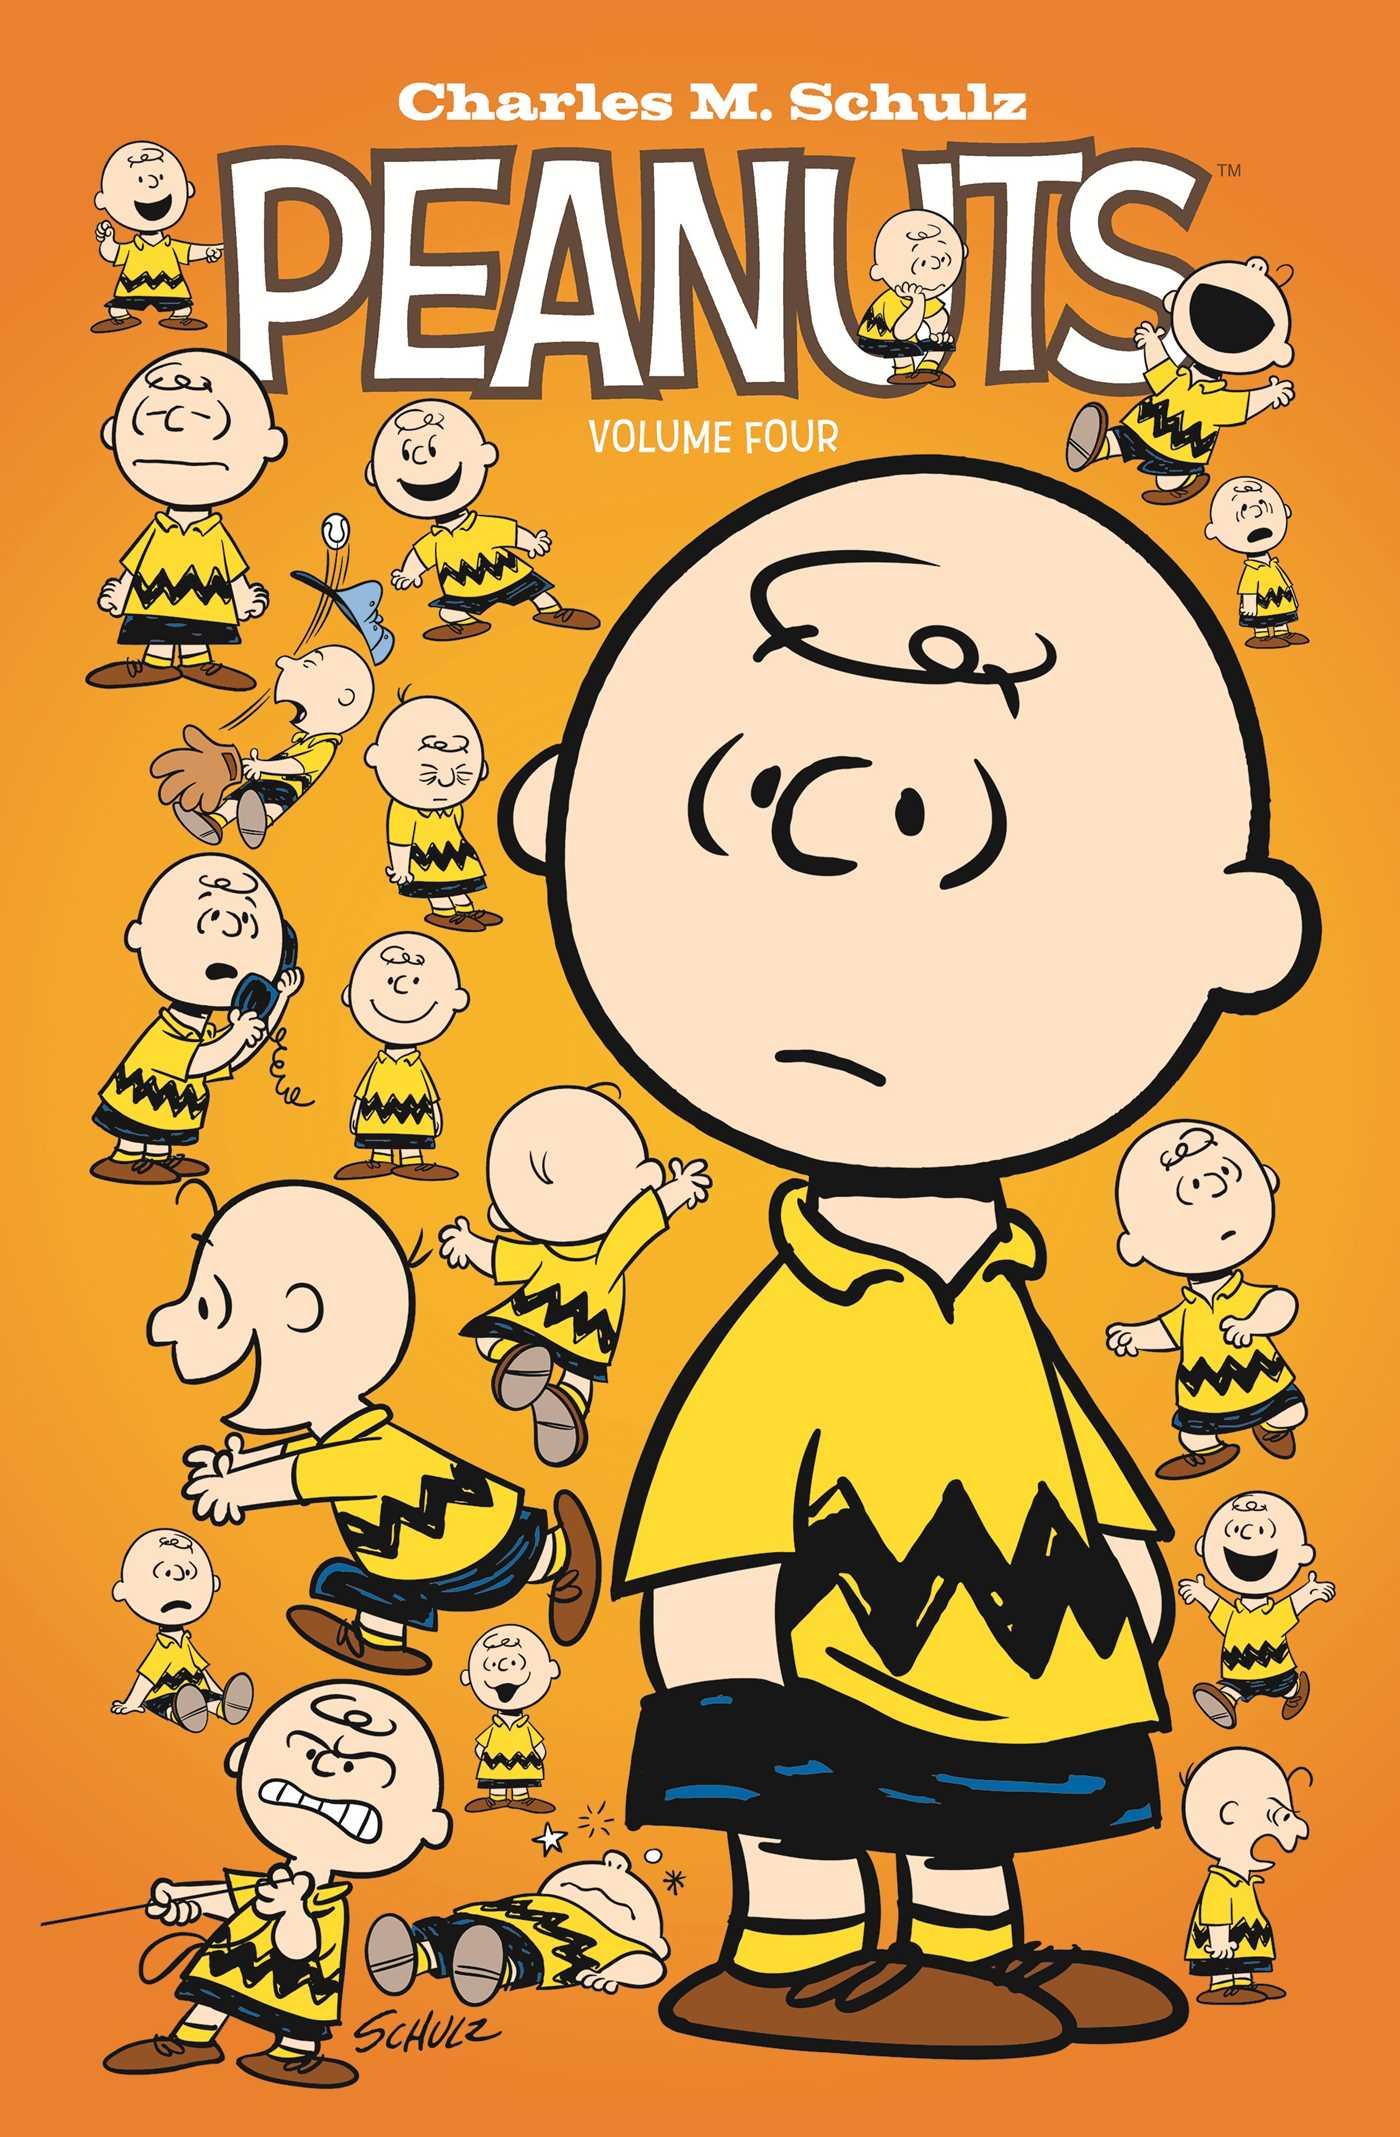 Peanuts vol 4 9781608864270 hr